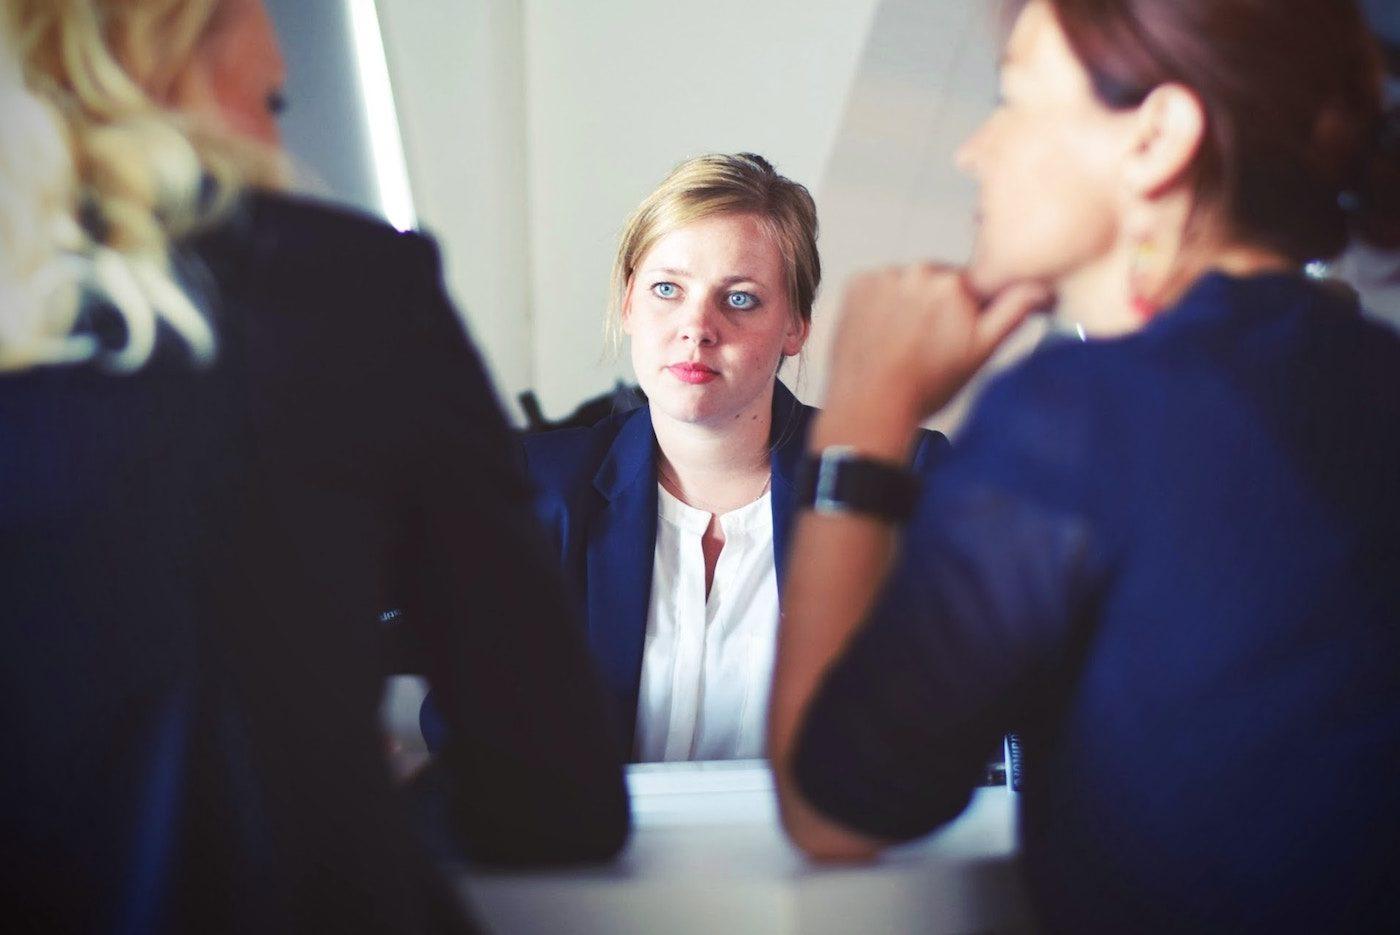 Ranking: In diesen Ländern sind im Job Deutschkenntnisse gefragt Sprachreiseanbieter LAL analysiert zwölf Millionen Stellenanzeigen in 17 Ländern Deutschkenntnisse werden vor allem in den Niederlanden und Spanien gesucht, außerhalb Europas sind bei der Jobsuche kaum von Vorteil